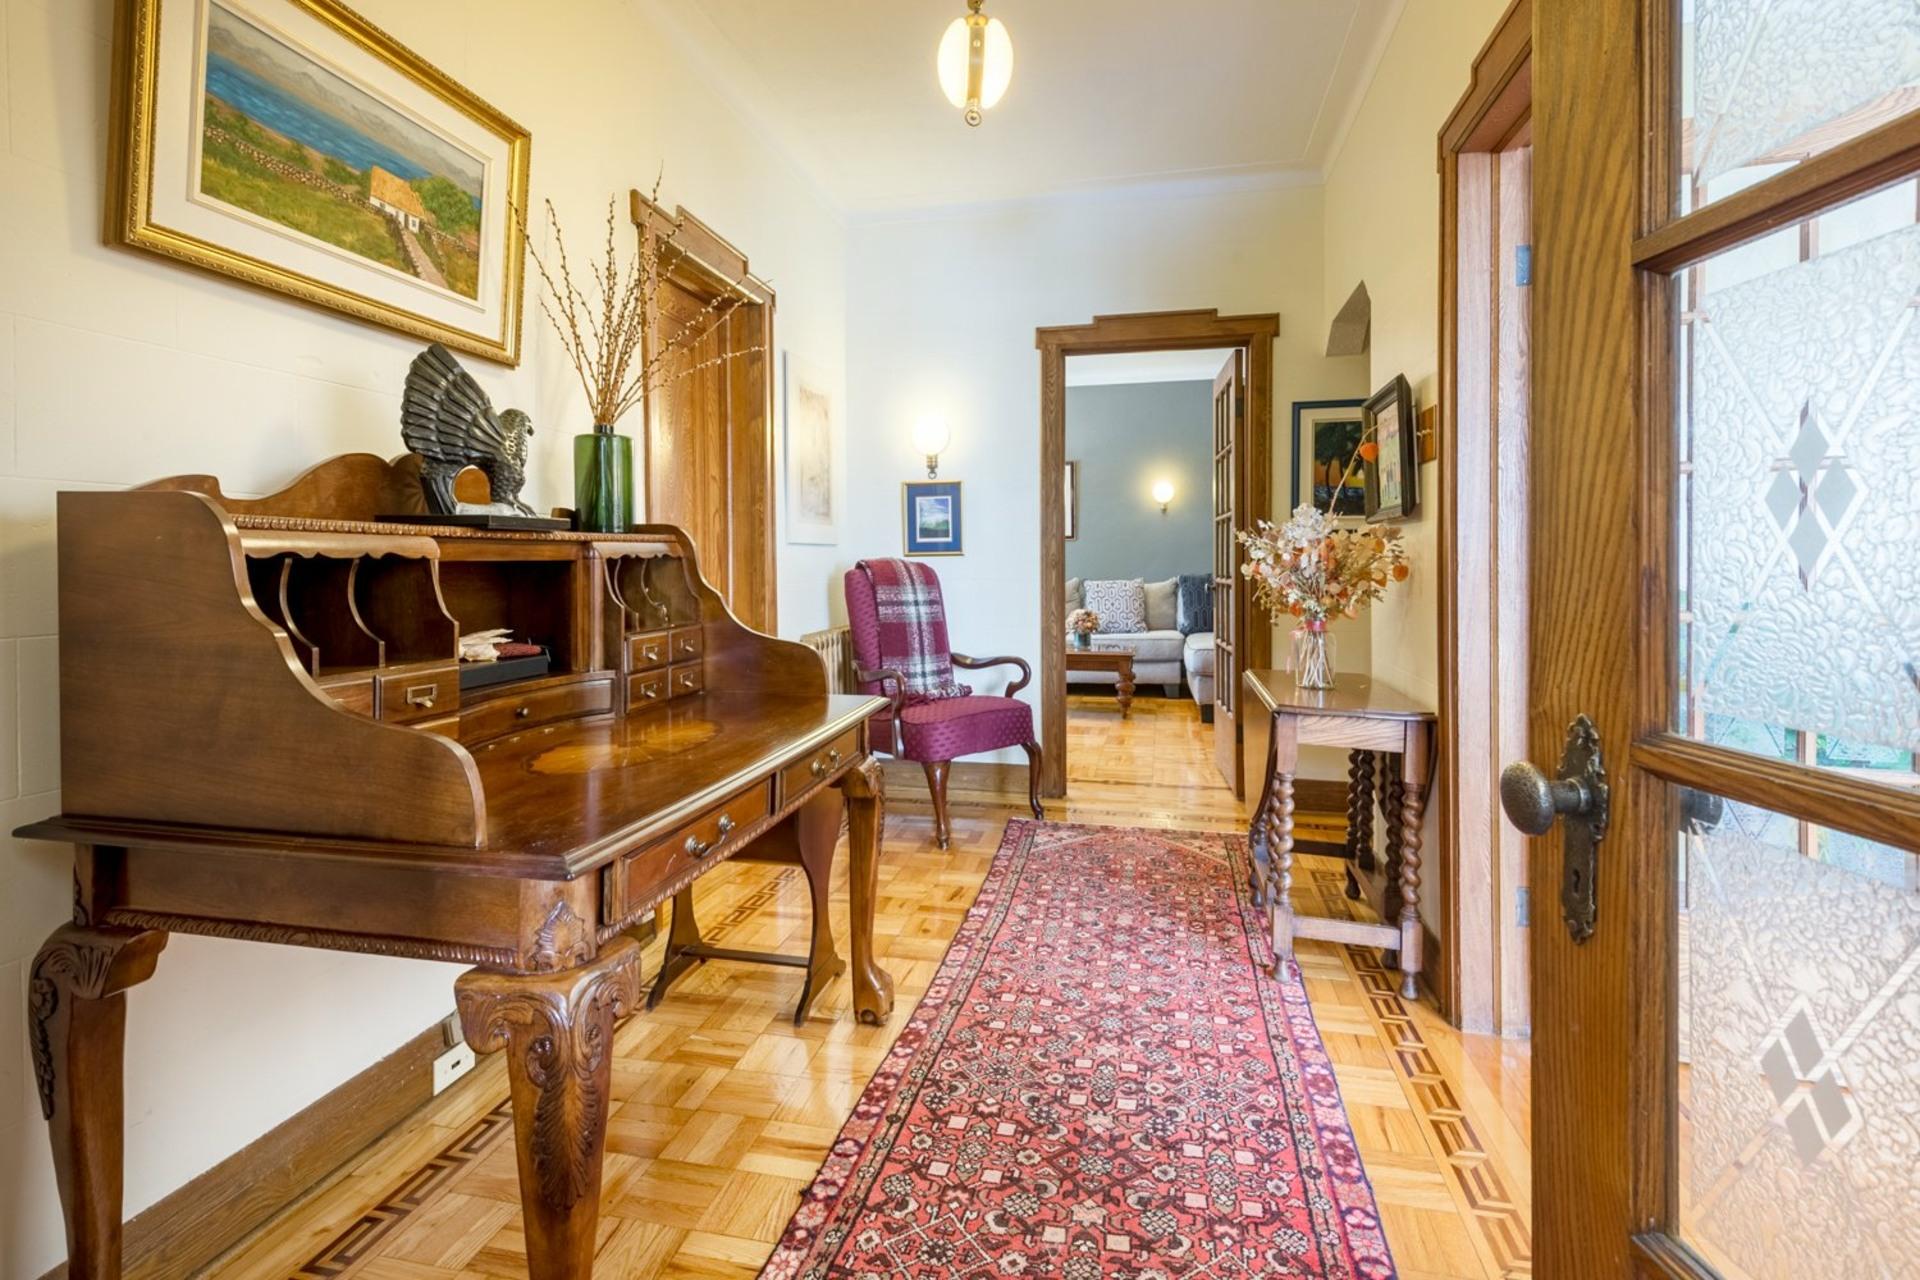 image 5 - Duplex For sale Sainte-Anne-de-Bellevue - 6 rooms